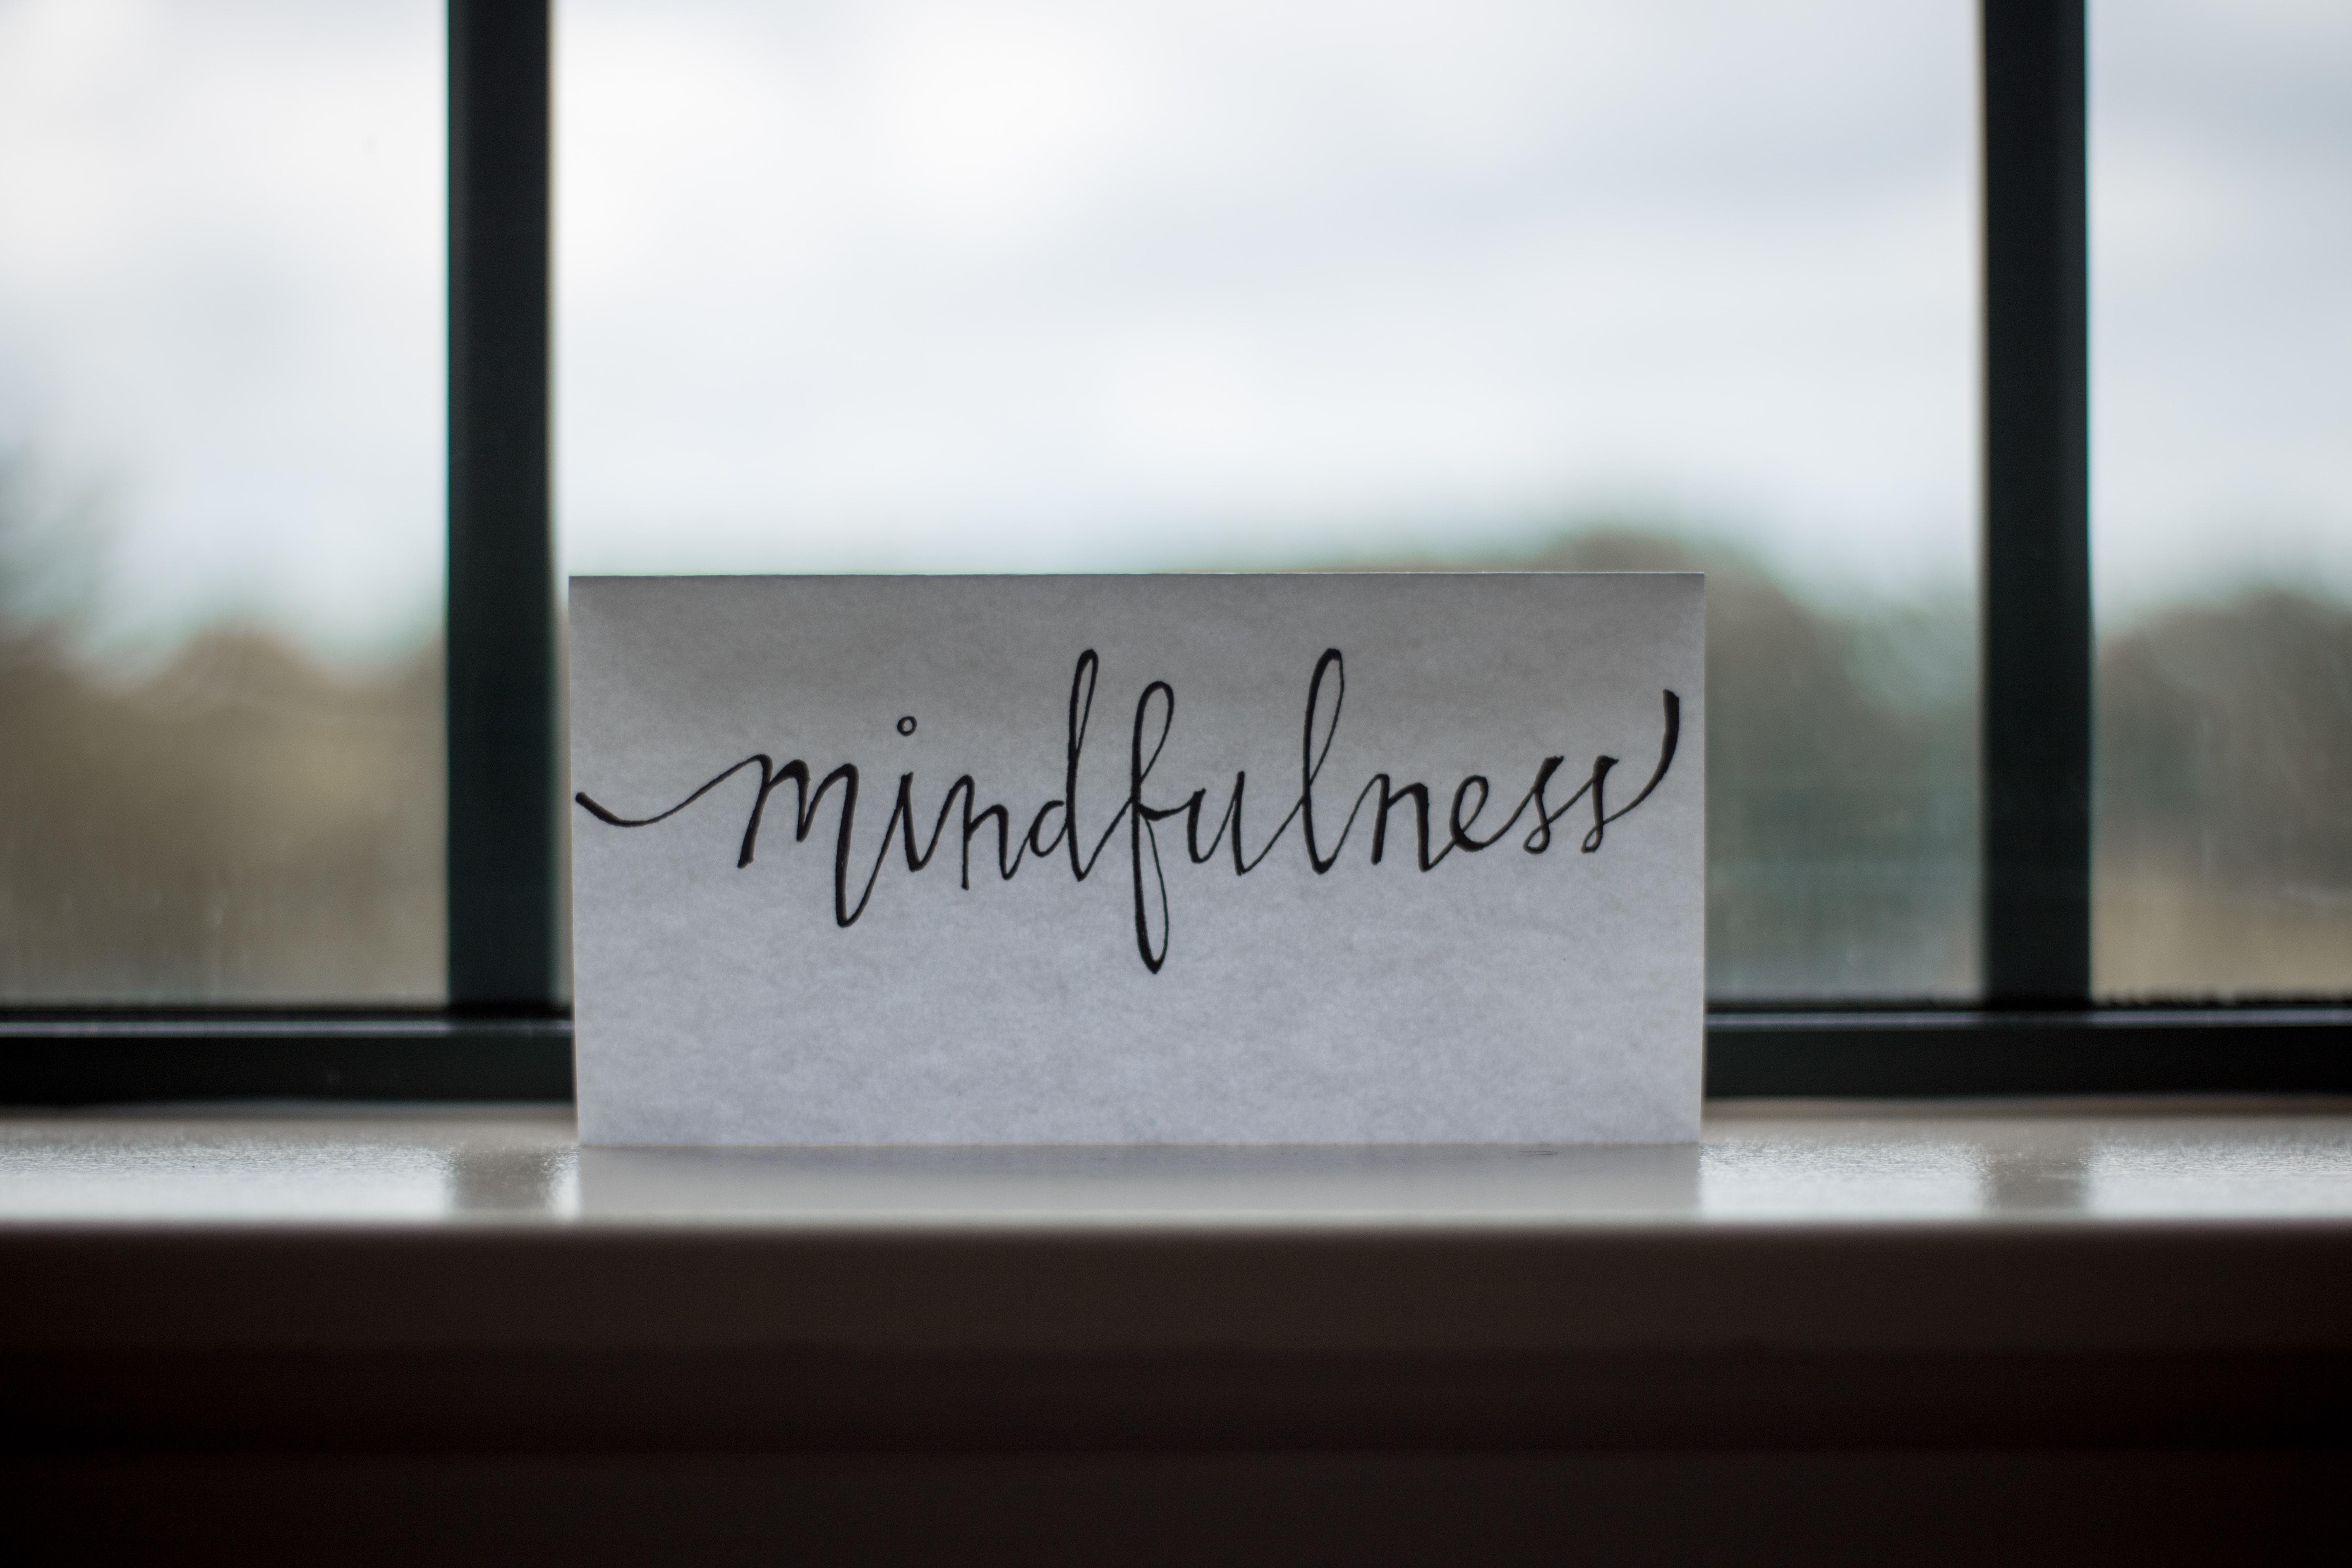 Lideratge conscient amb mindfulness